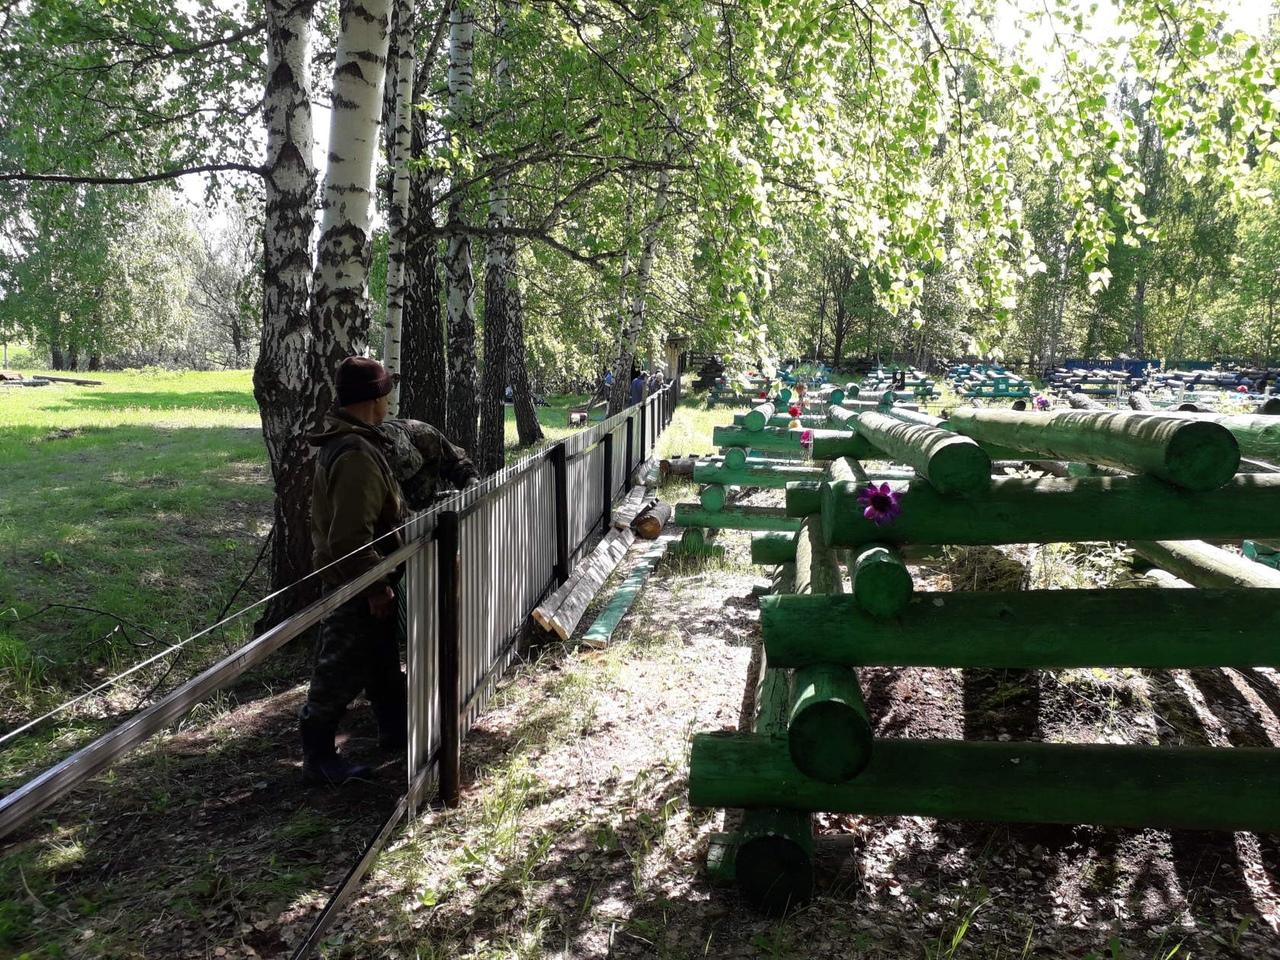 Тавинск. Омская область. Зийрат, мусульманское кладбище